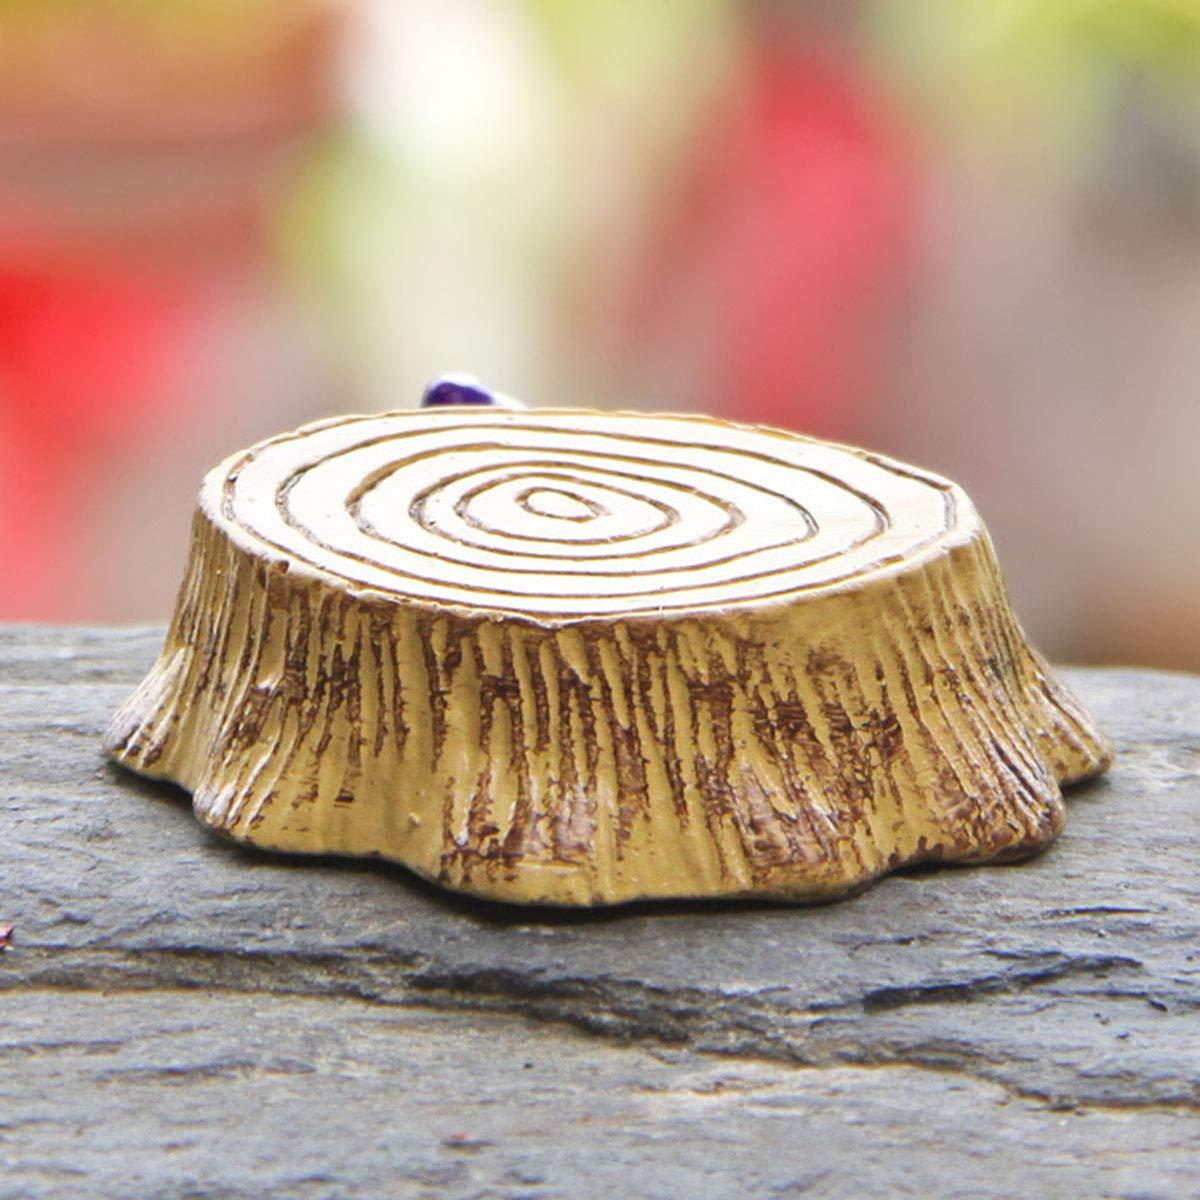 Gro/ße und Kleine Gr/ö/ße Amosfun 2 St/ücke Harz Stake Pilz Stump Micro Miniatur Landschaft Dekoration Garten Decor Ornamente Weihnachten Geburtstagsgeschenk f/ür Kinder